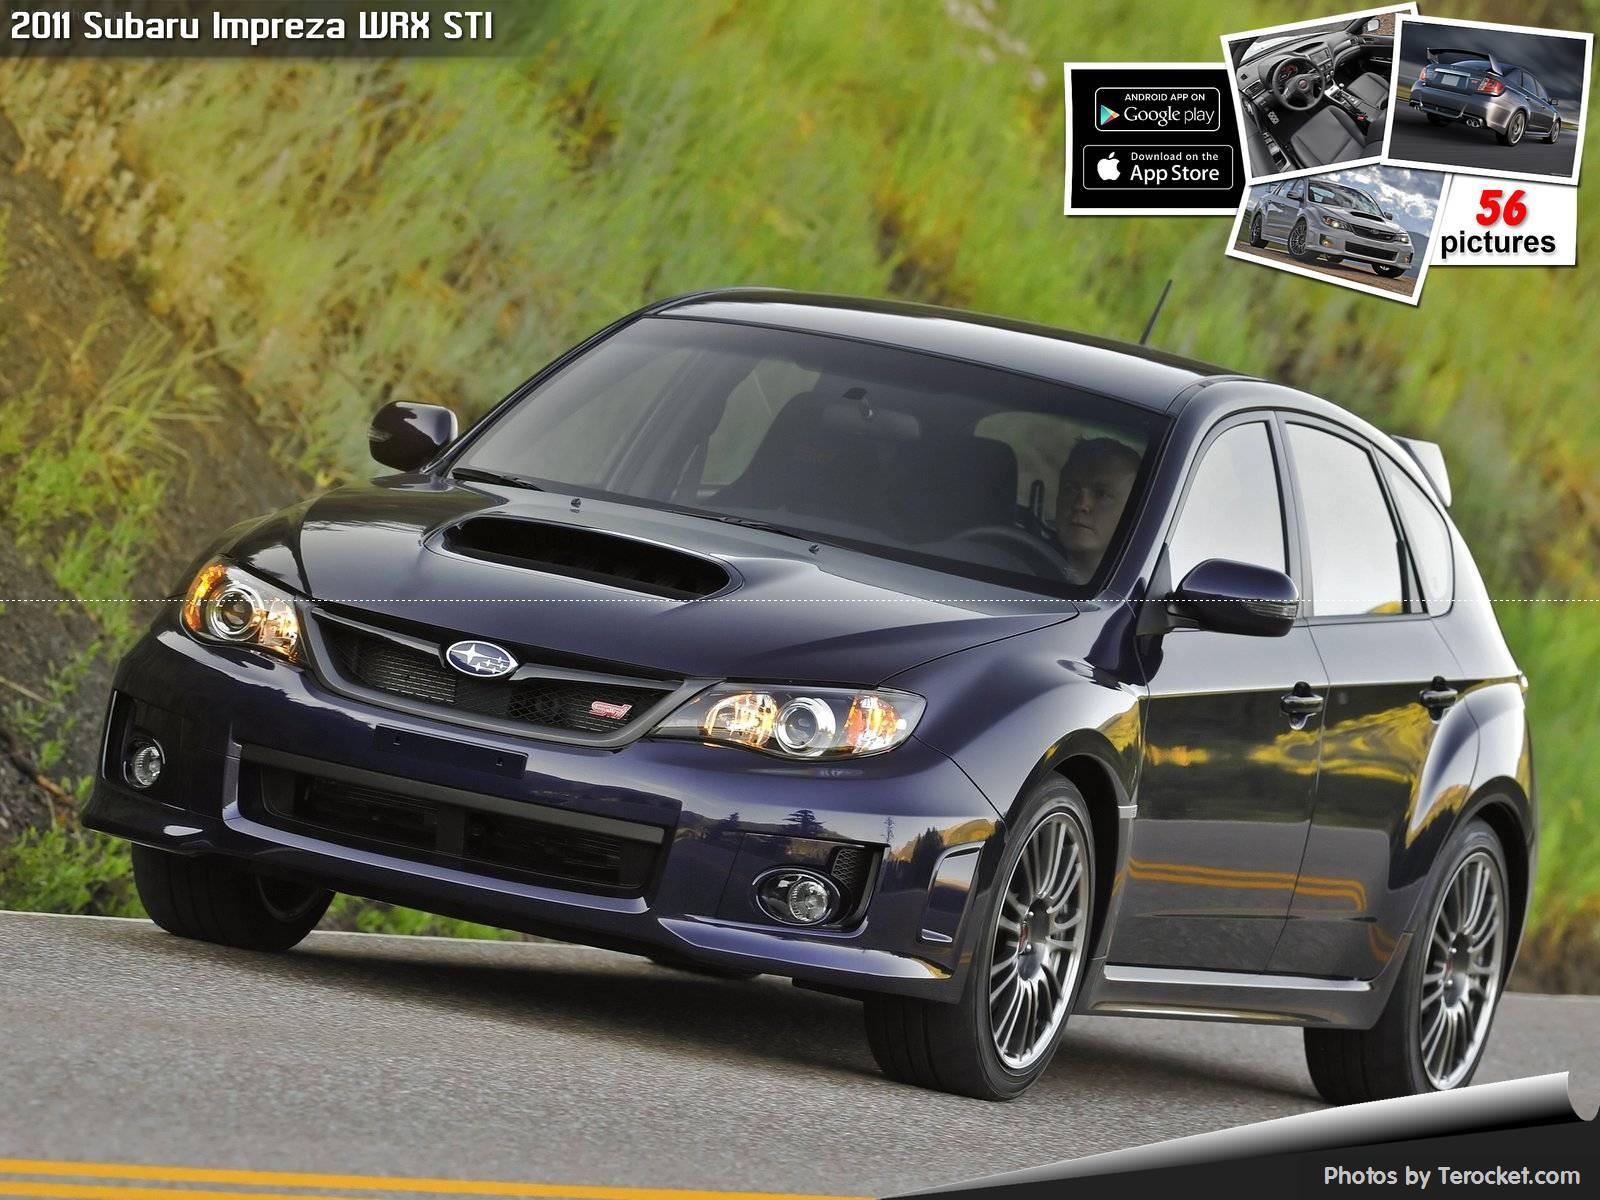 Hình ảnh xe ô tô Subaru Impreza WRX STI 2011 & nội ngoại thất